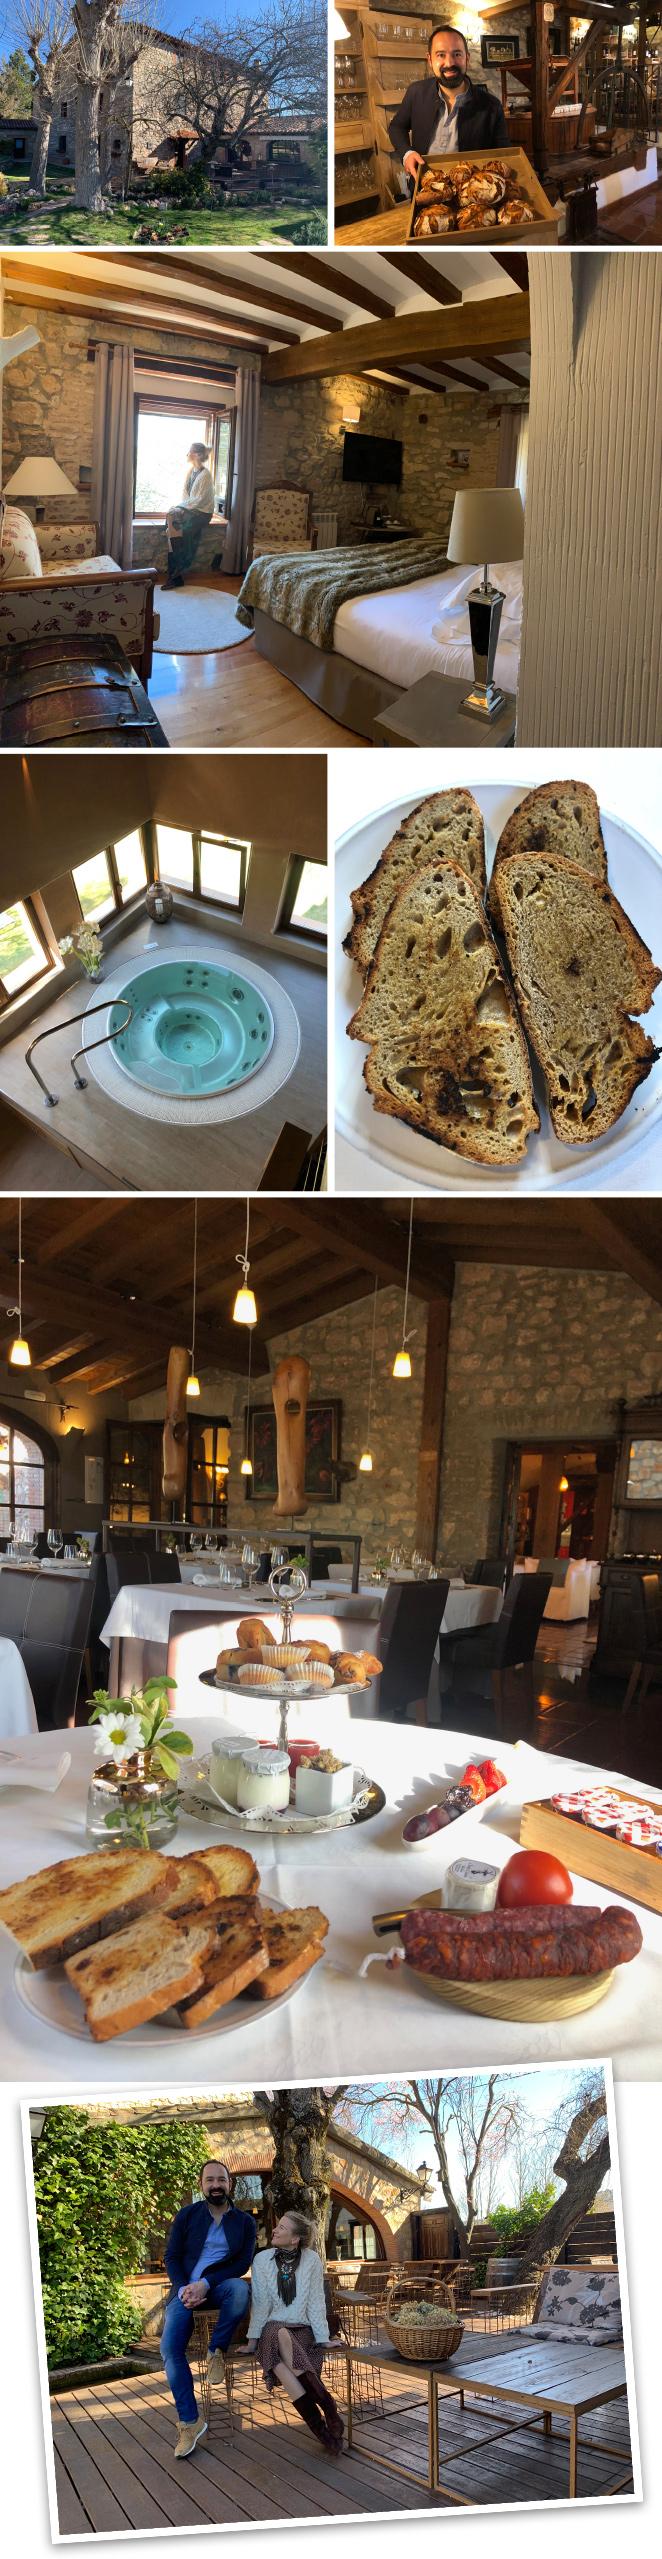 El Molino de Alcuneza en Sigüenza (Guadalajara), un precioso Relais & Chateaux que cuenta con con un fabuloso restaurante regentado por Samuel Moreno Gordo (1 estrella Michelín).